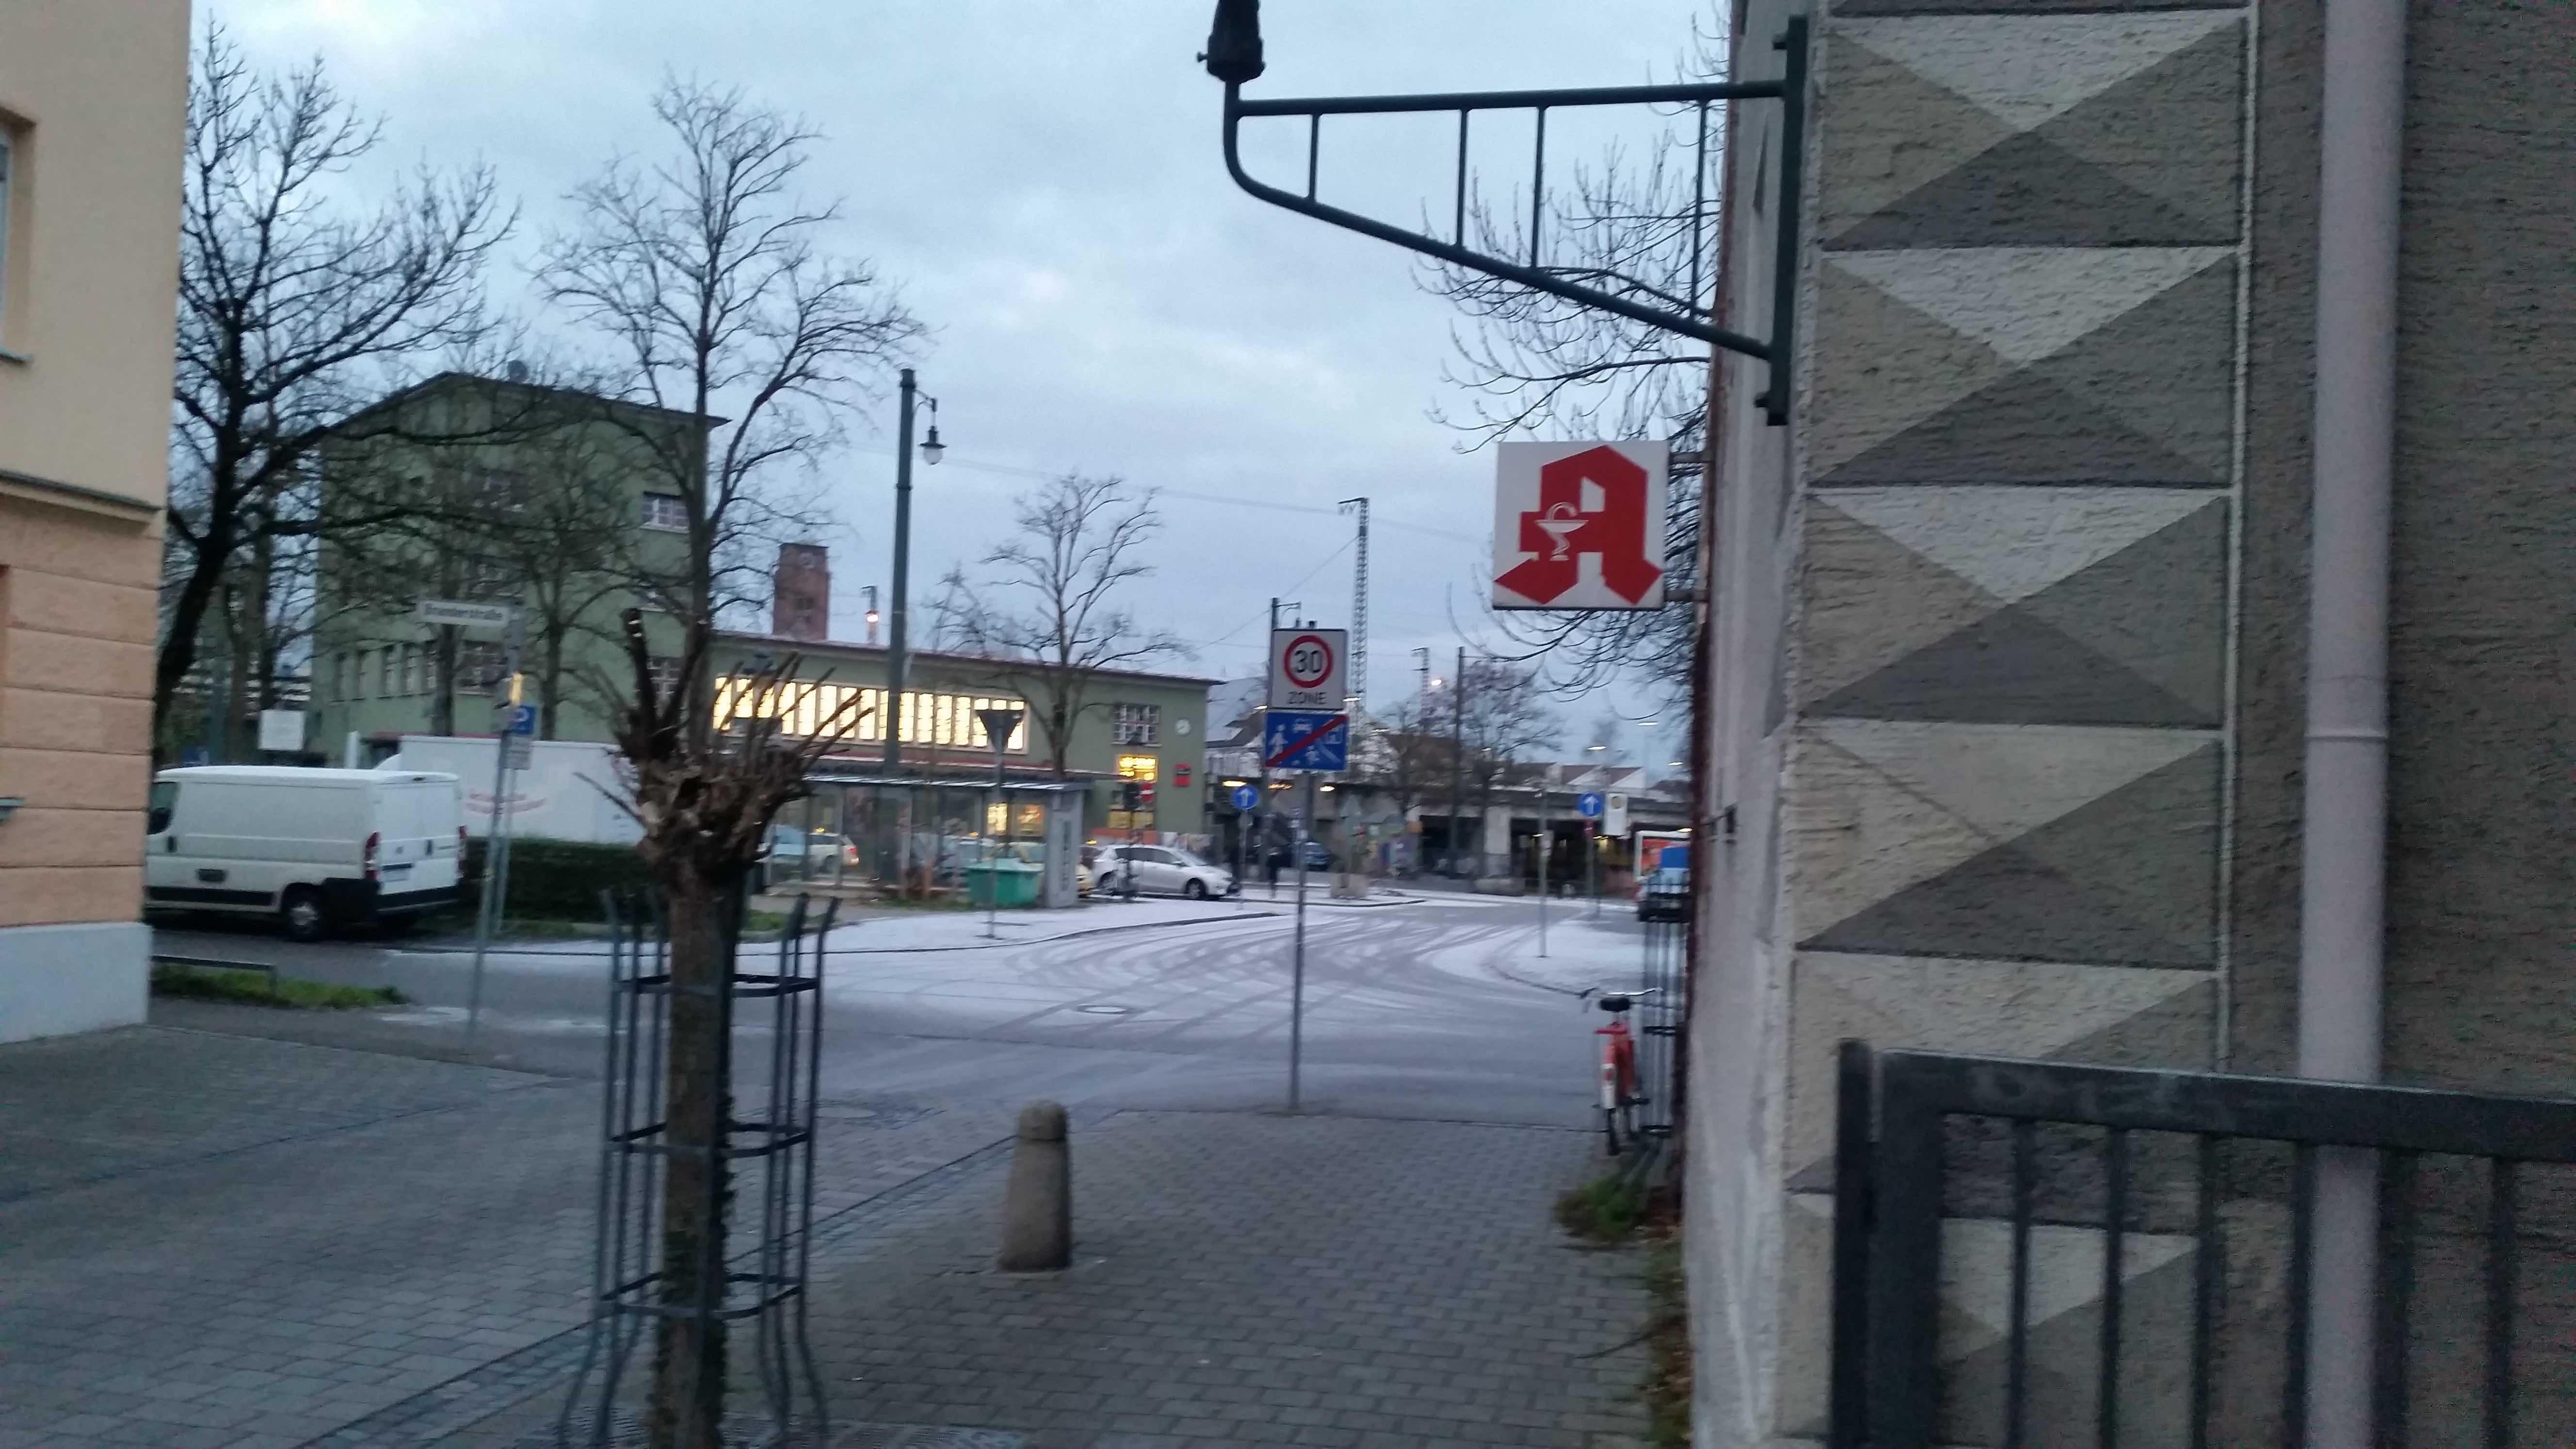 Oberhauser Bahnhof - Im Vordergrund die ehem. Apotheke, wo der neue Süchtigen-Treff verortet werden soll